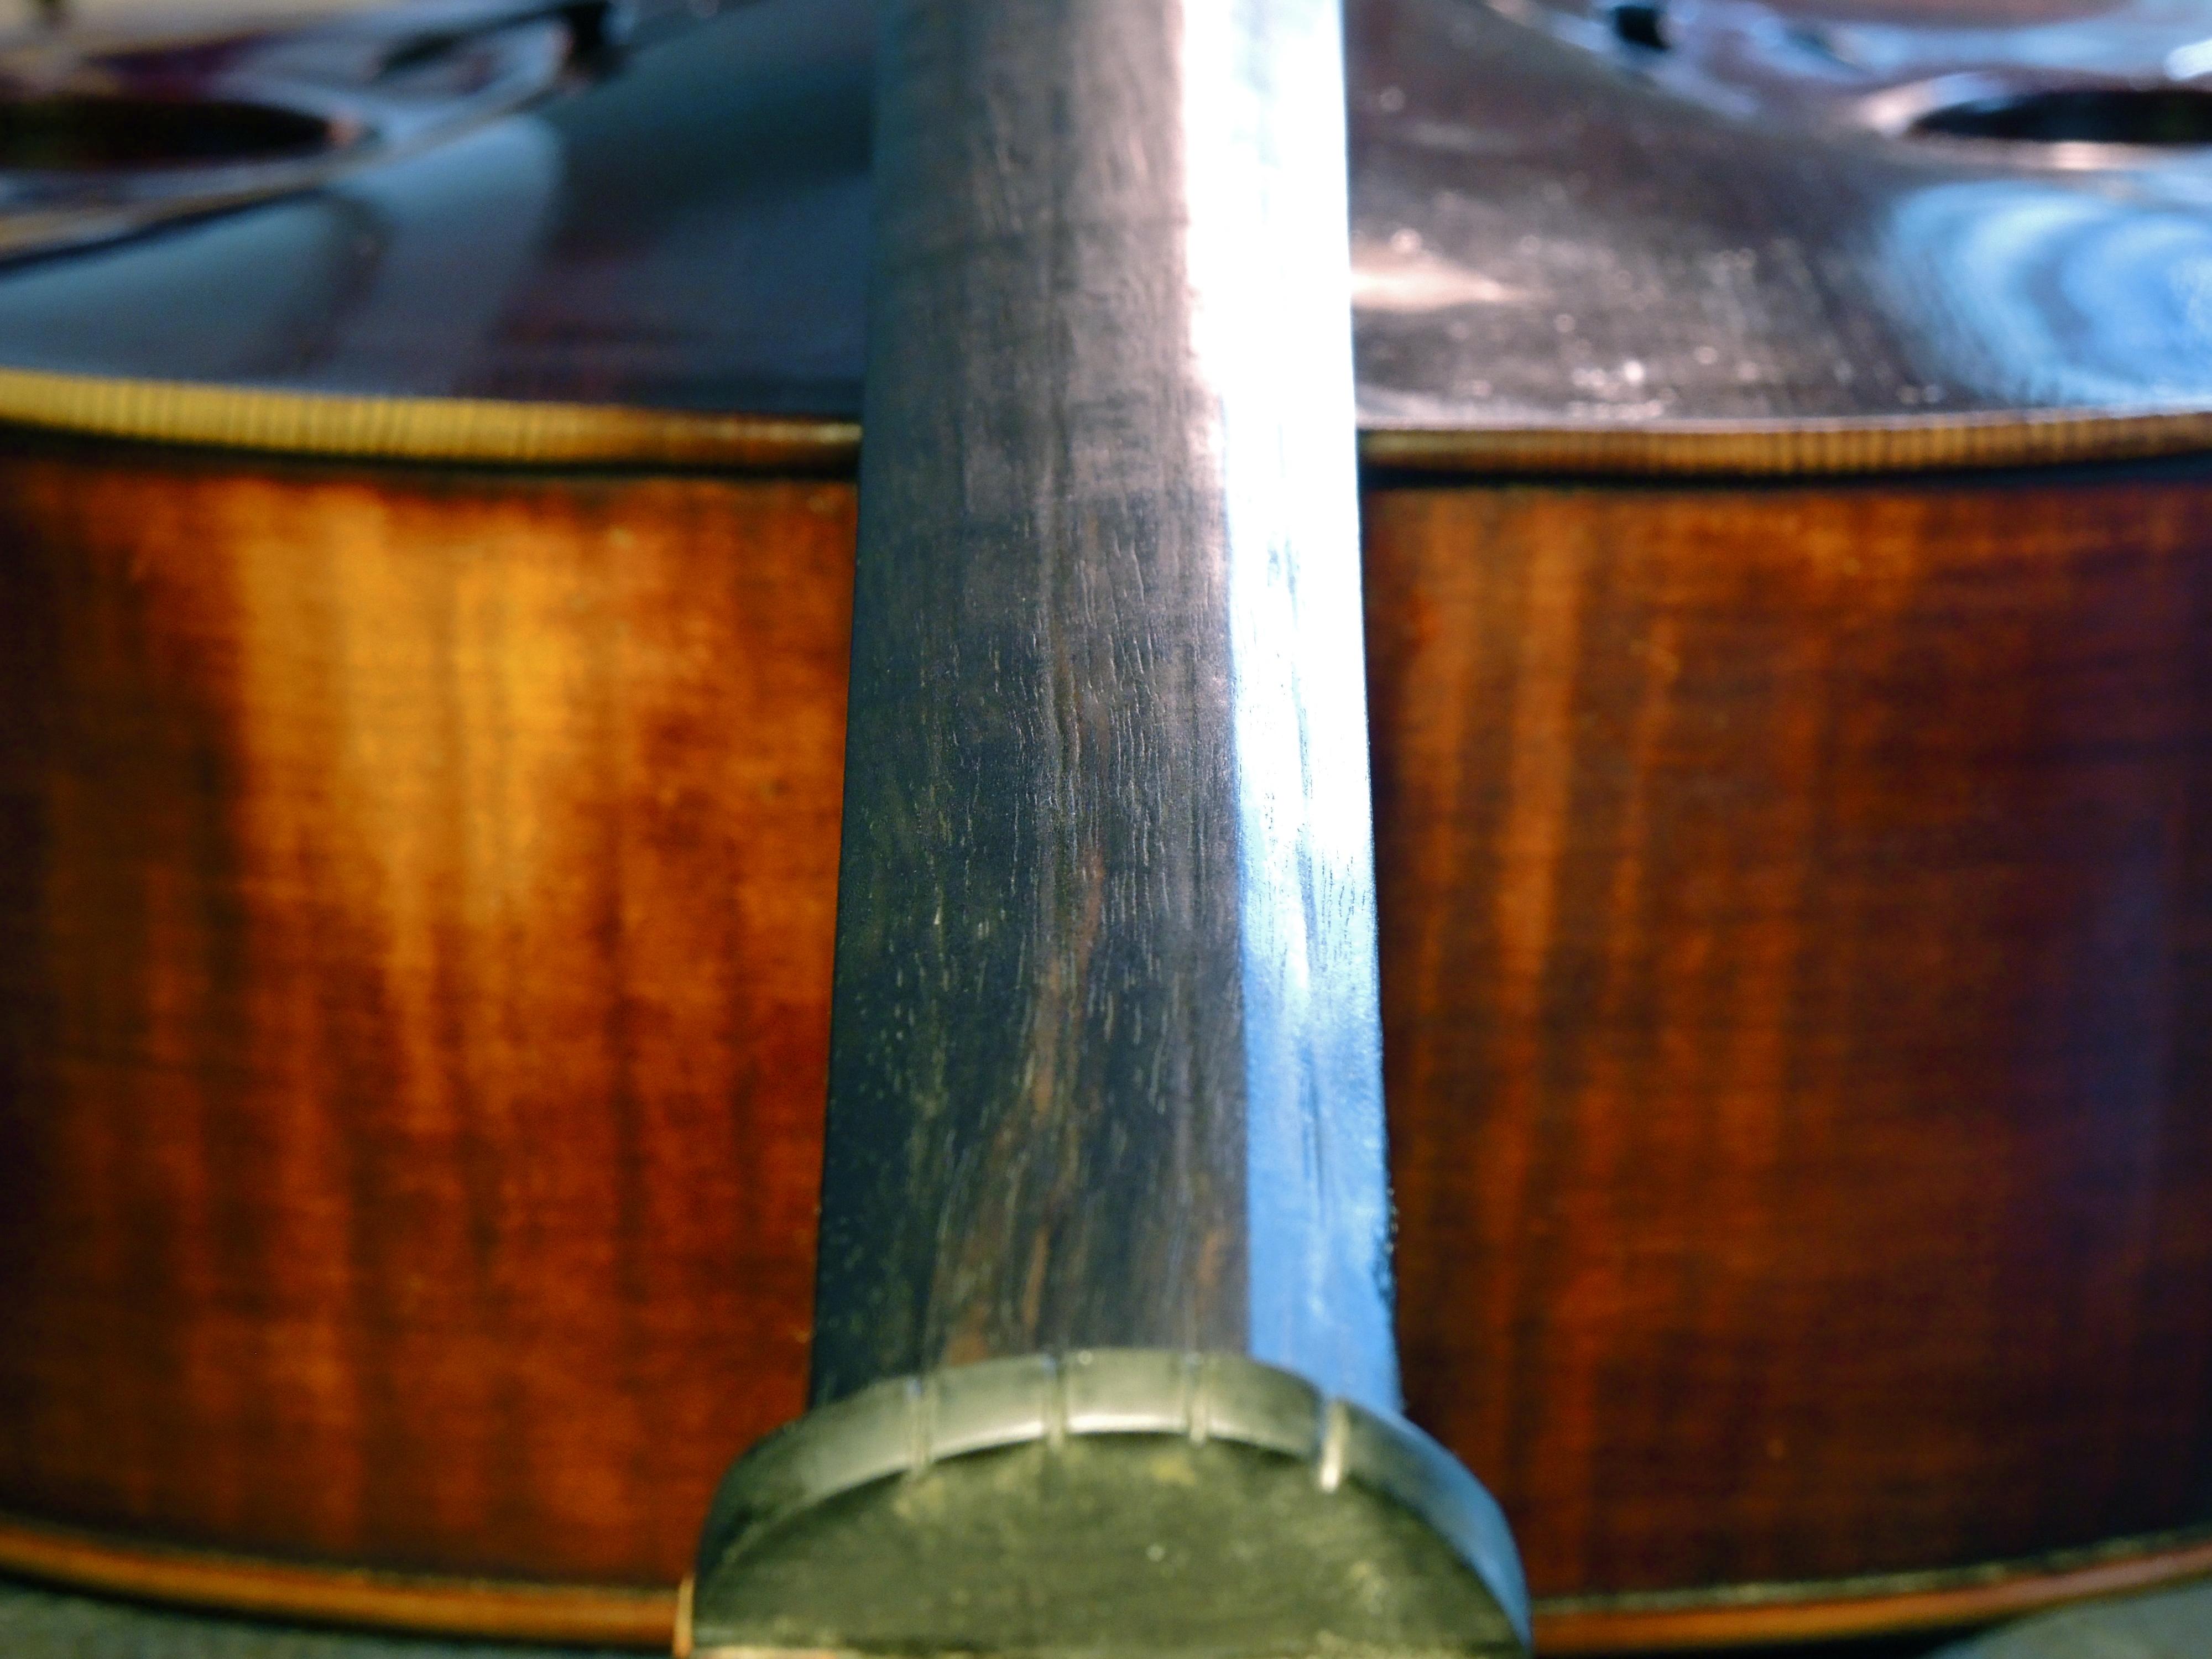 Old wood minerale interior of violin - Dscn0610